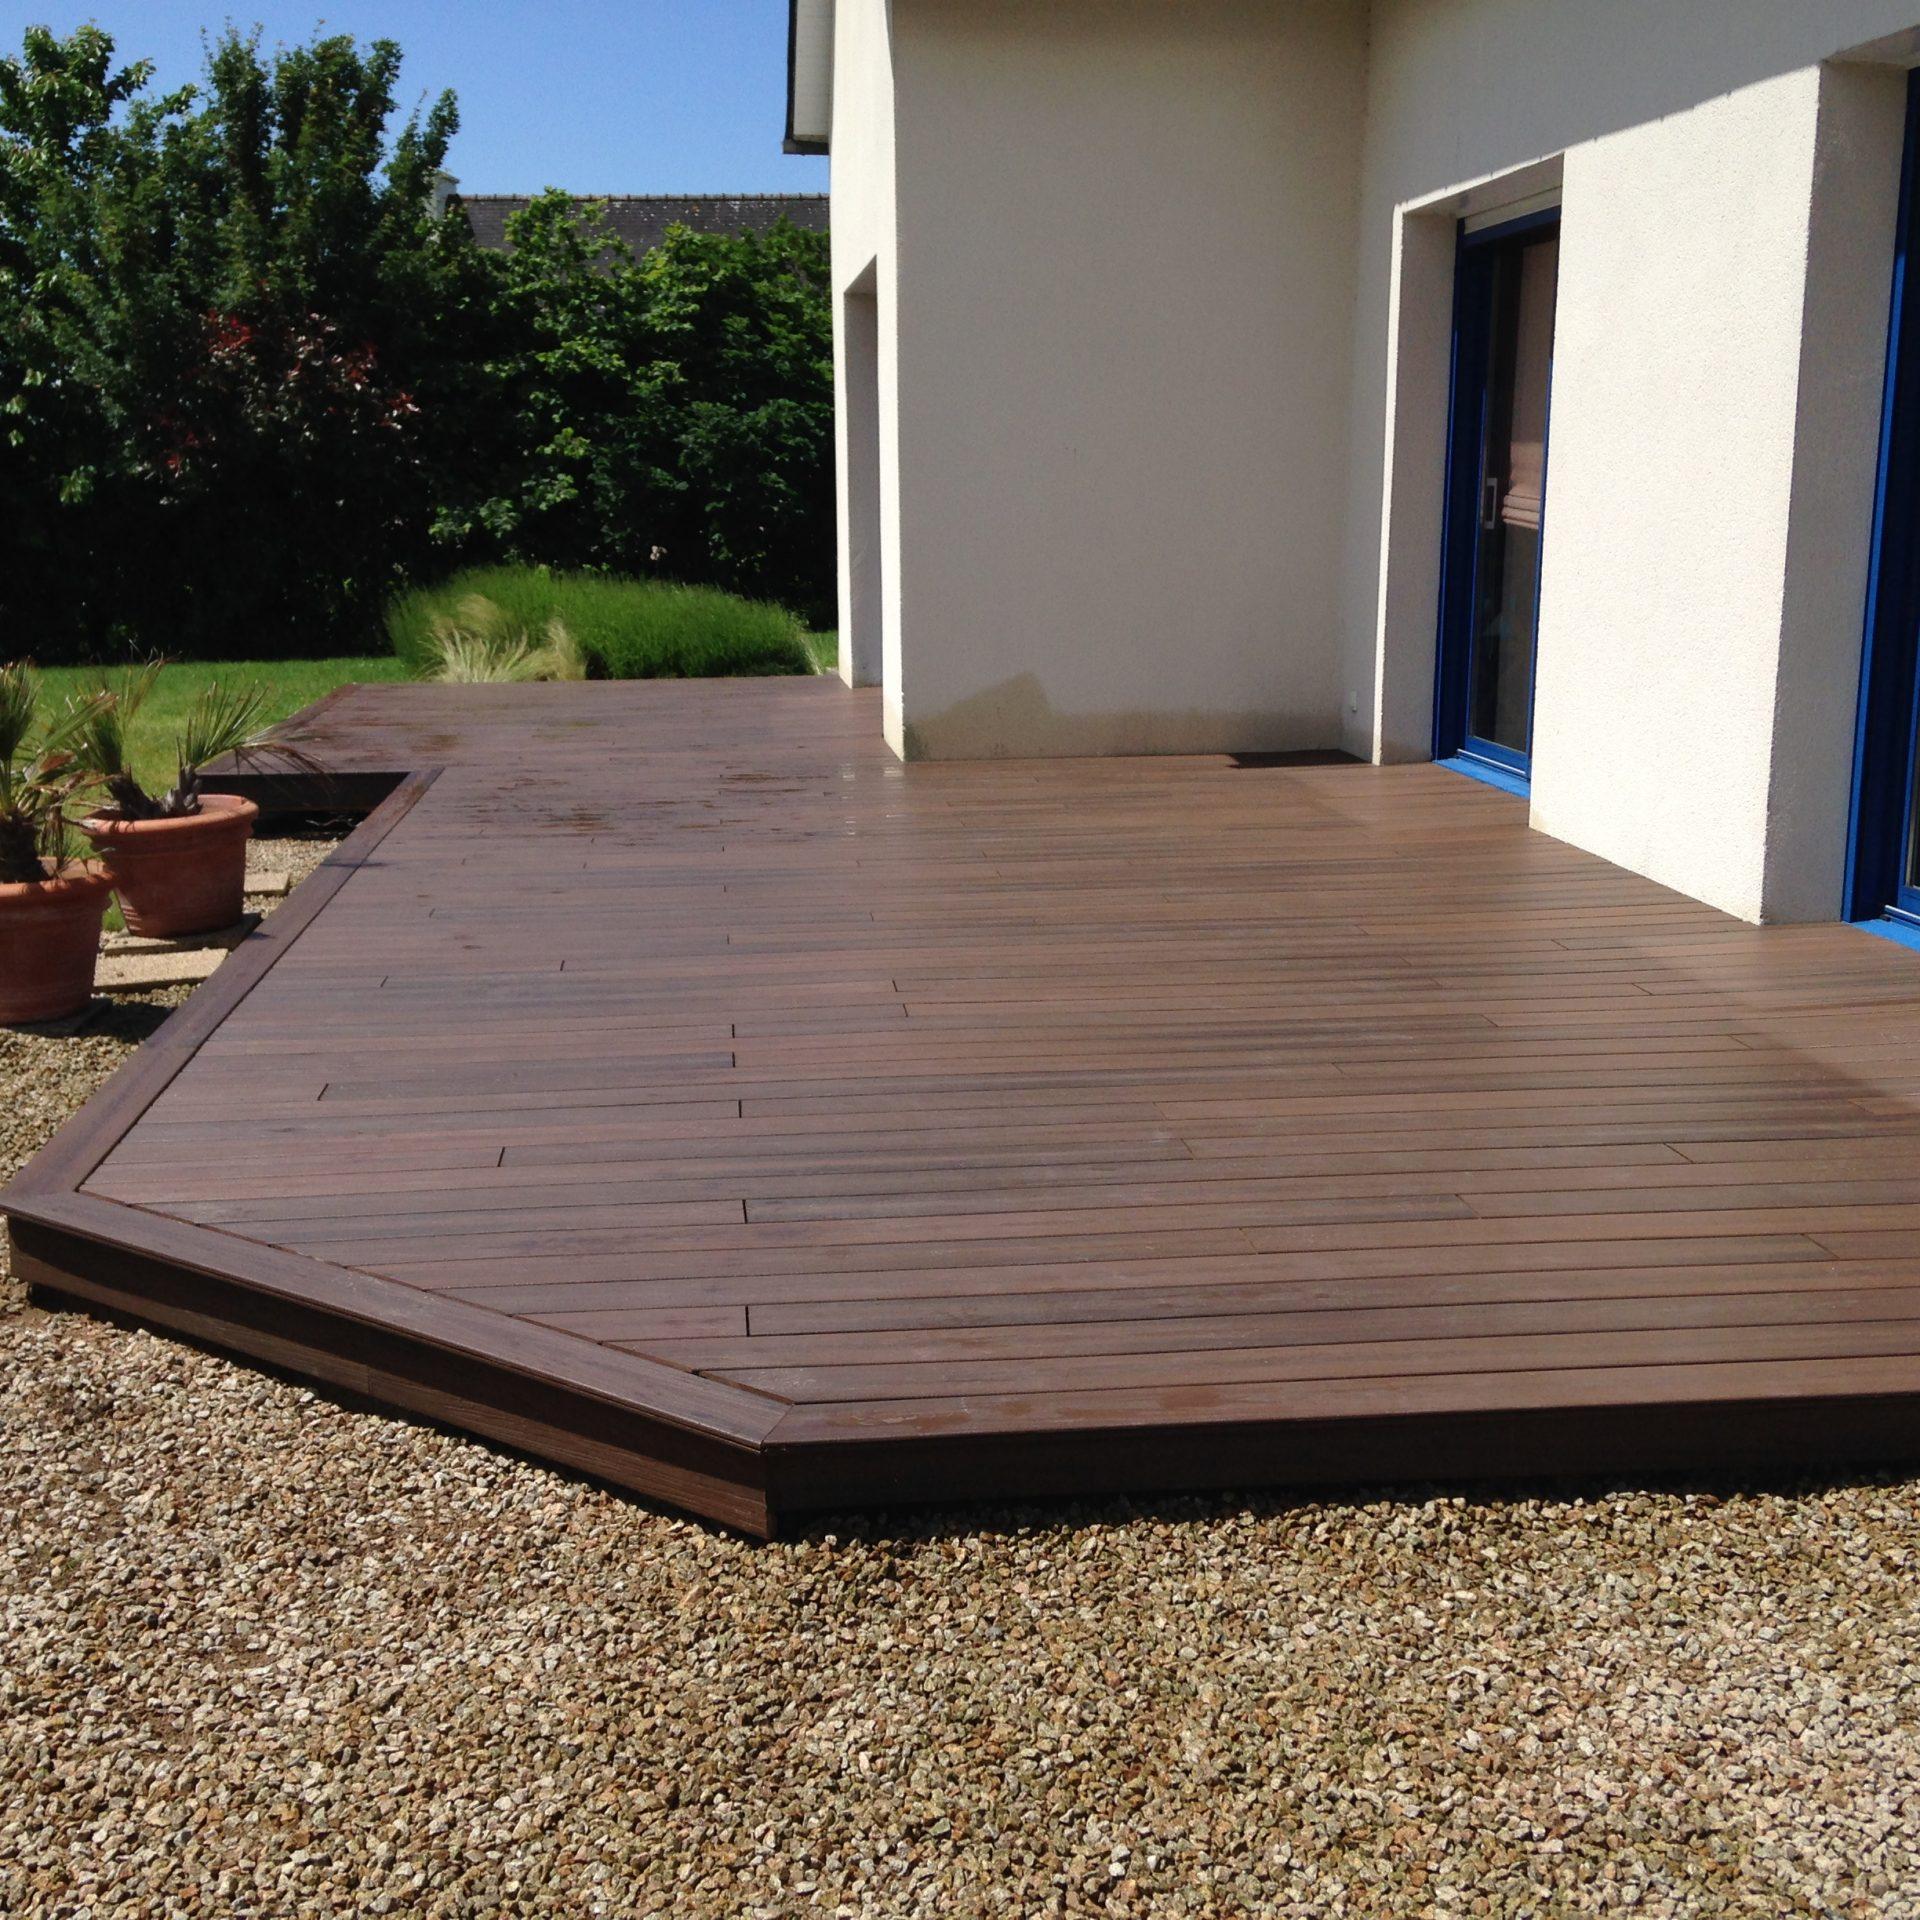 pose terrasse bois terre pose caillebotis bois sur terre. Black Bedroom Furniture Sets. Home Design Ideas